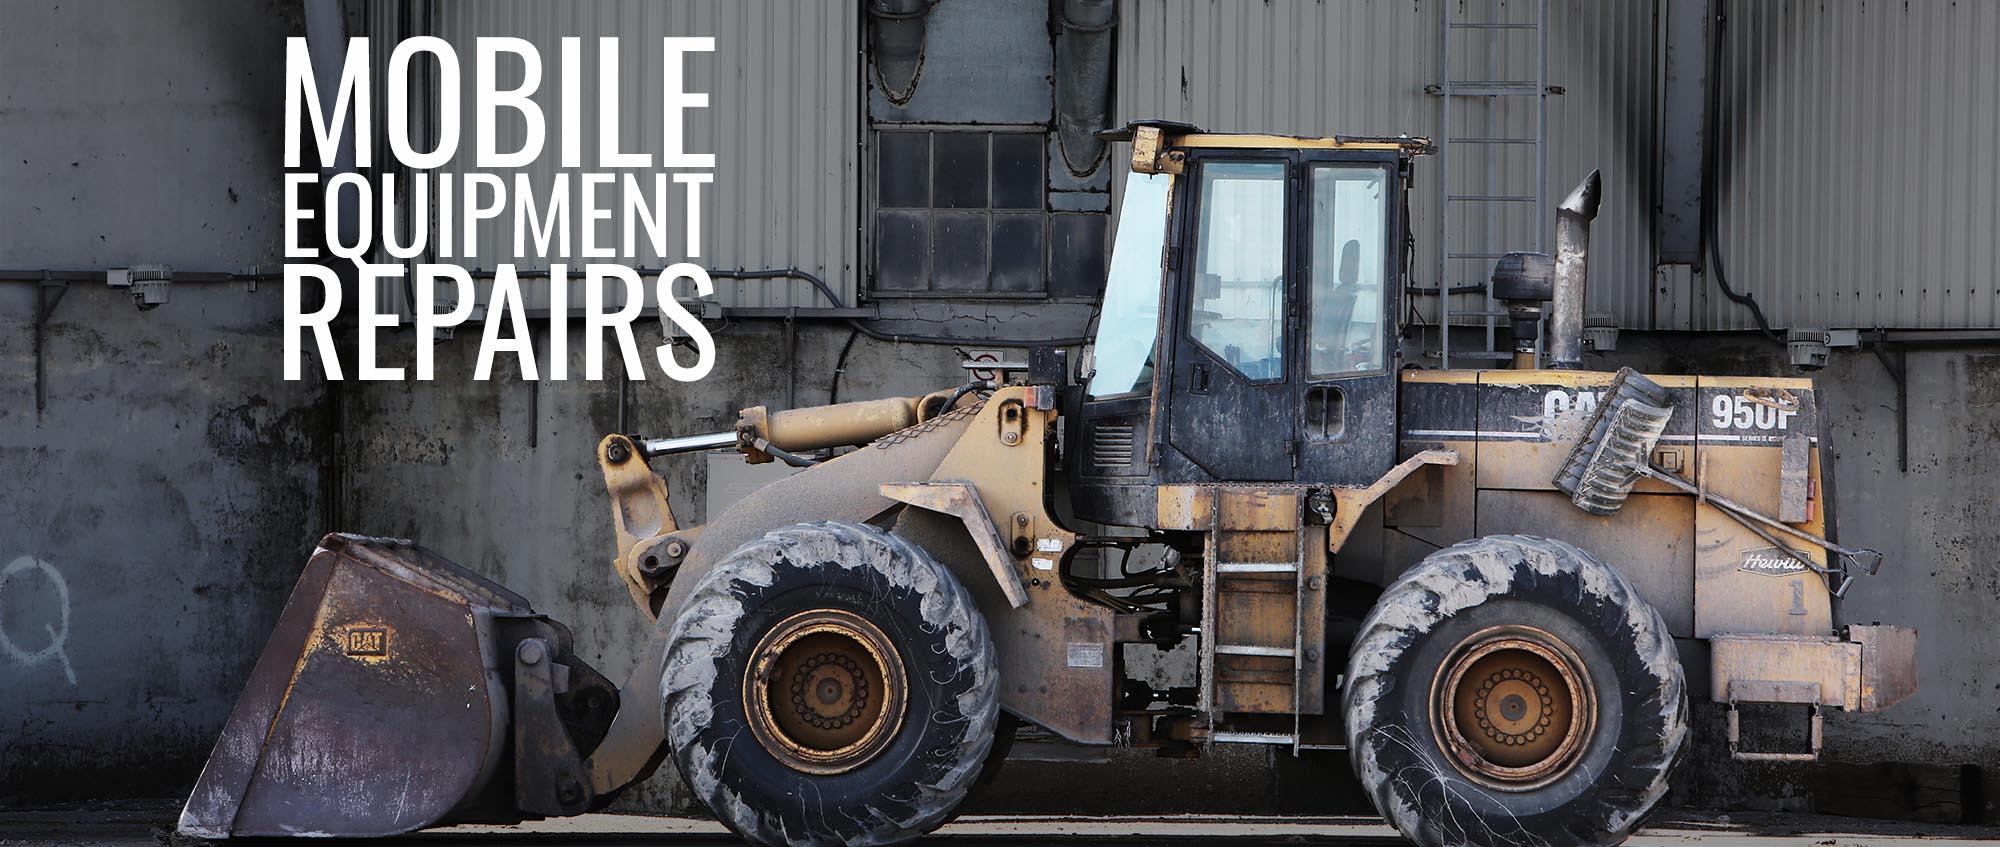 Mobile Equipment & Repair Services Slider